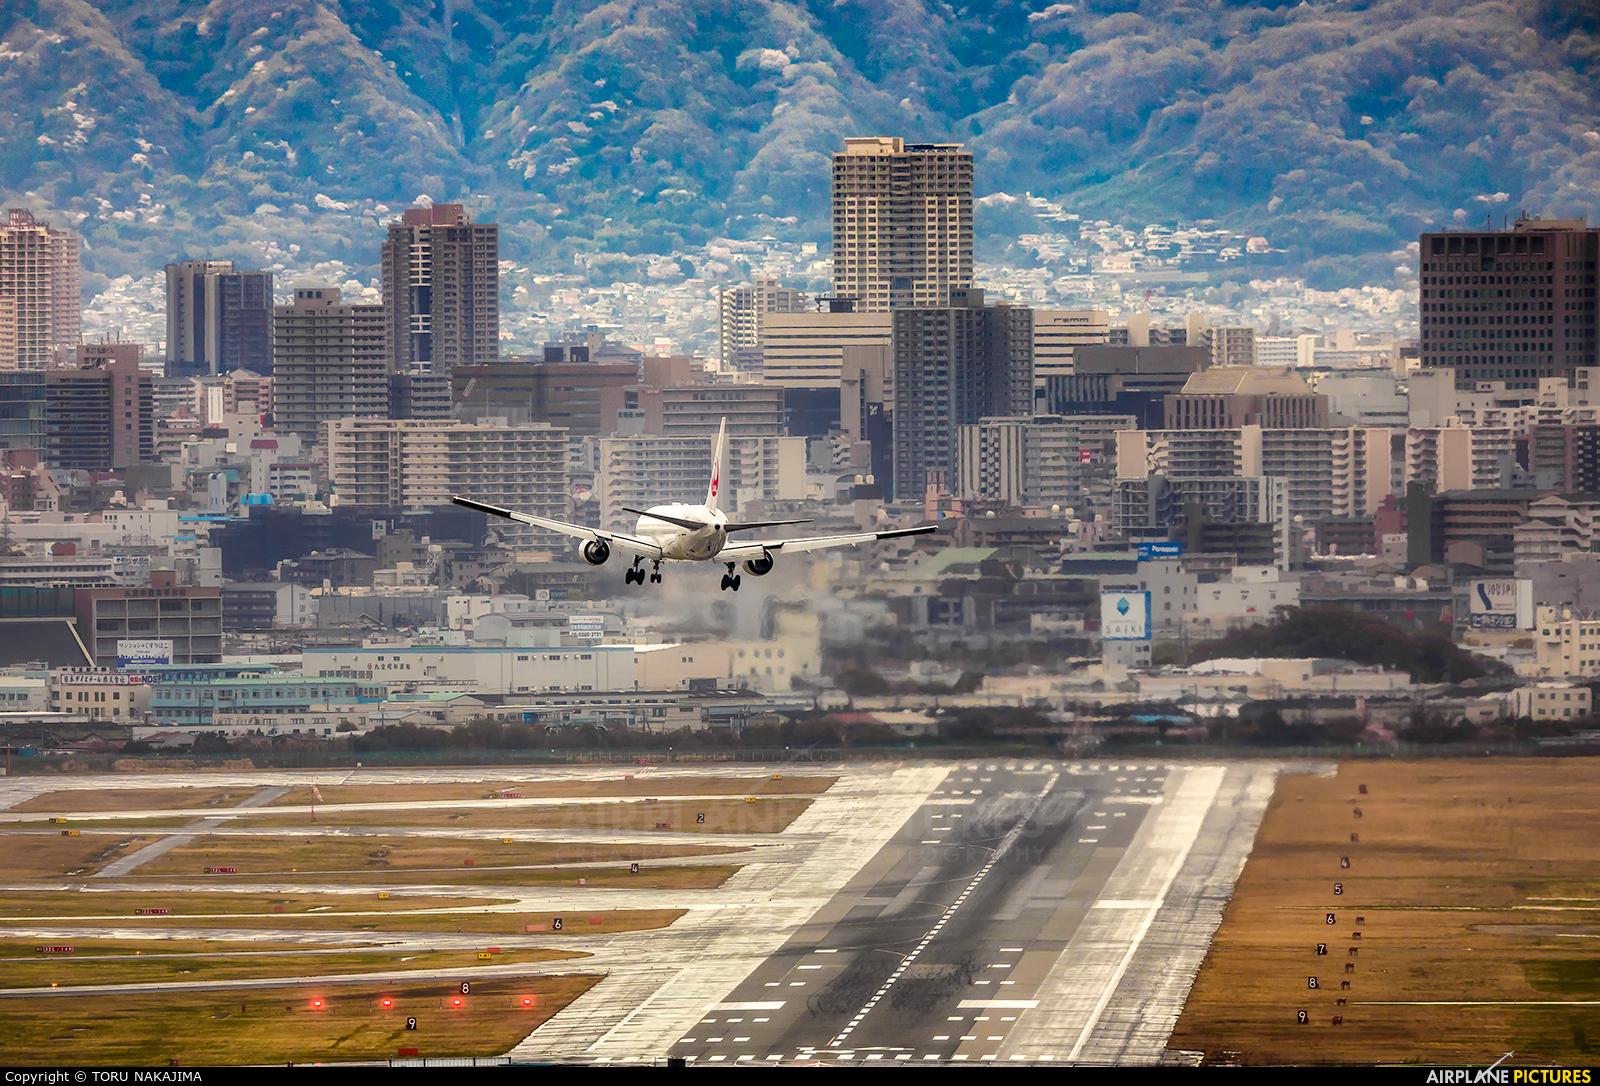 JAL - Japan Airlines JA623J aircraft at Osaka - Itami Intl